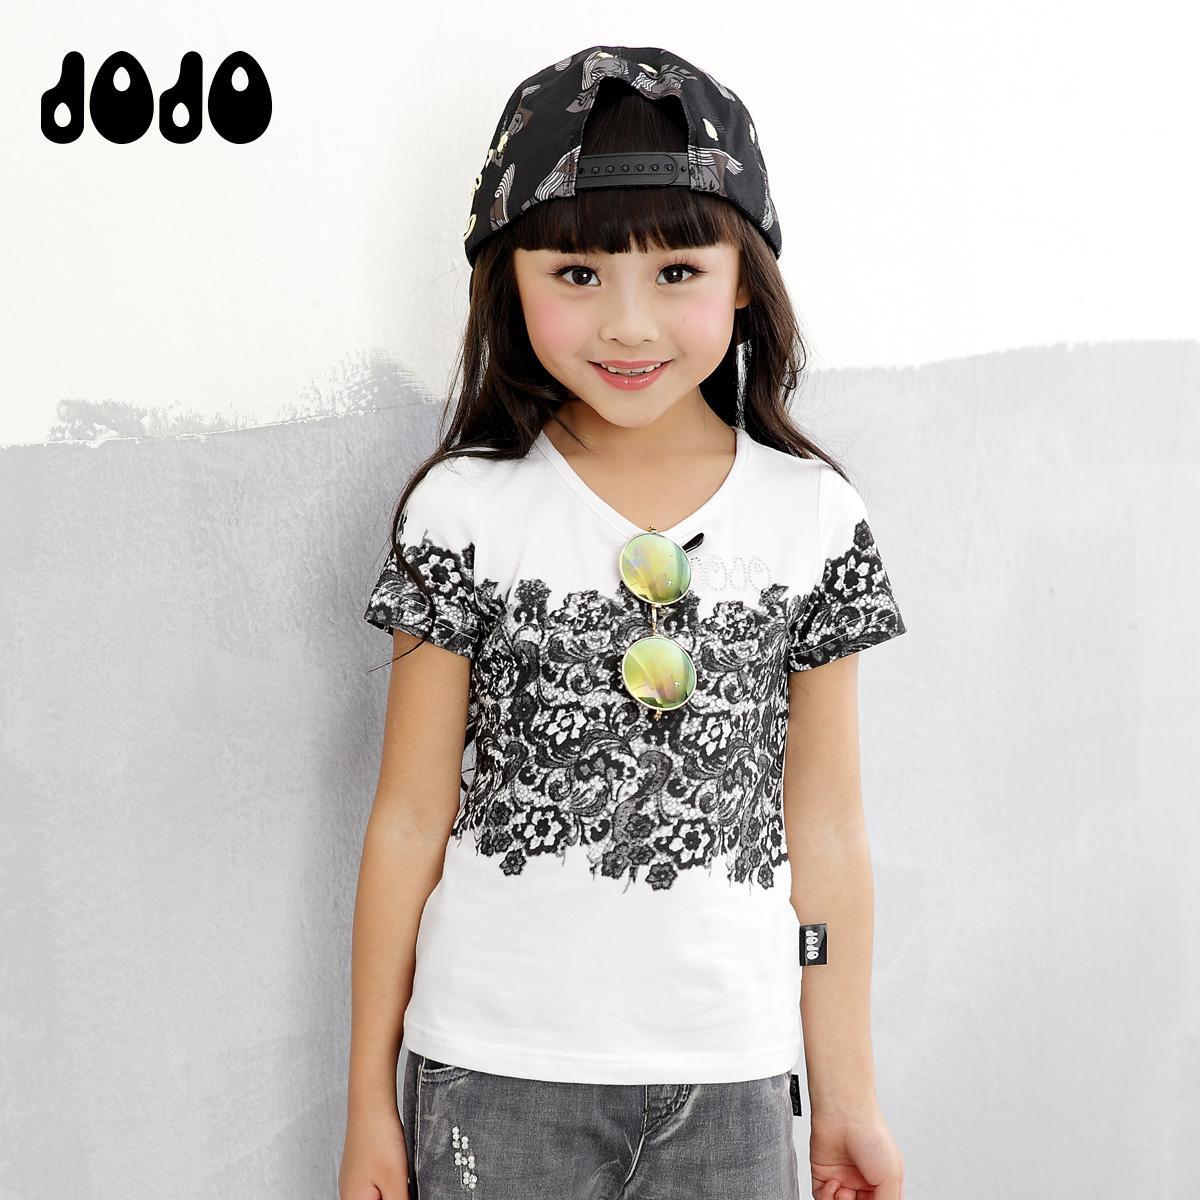 Jojo дети аутентичные весна/лето 2016 новый Джокер t рубашка хлопок короткие рукава корейской моде круглый вырез кофты